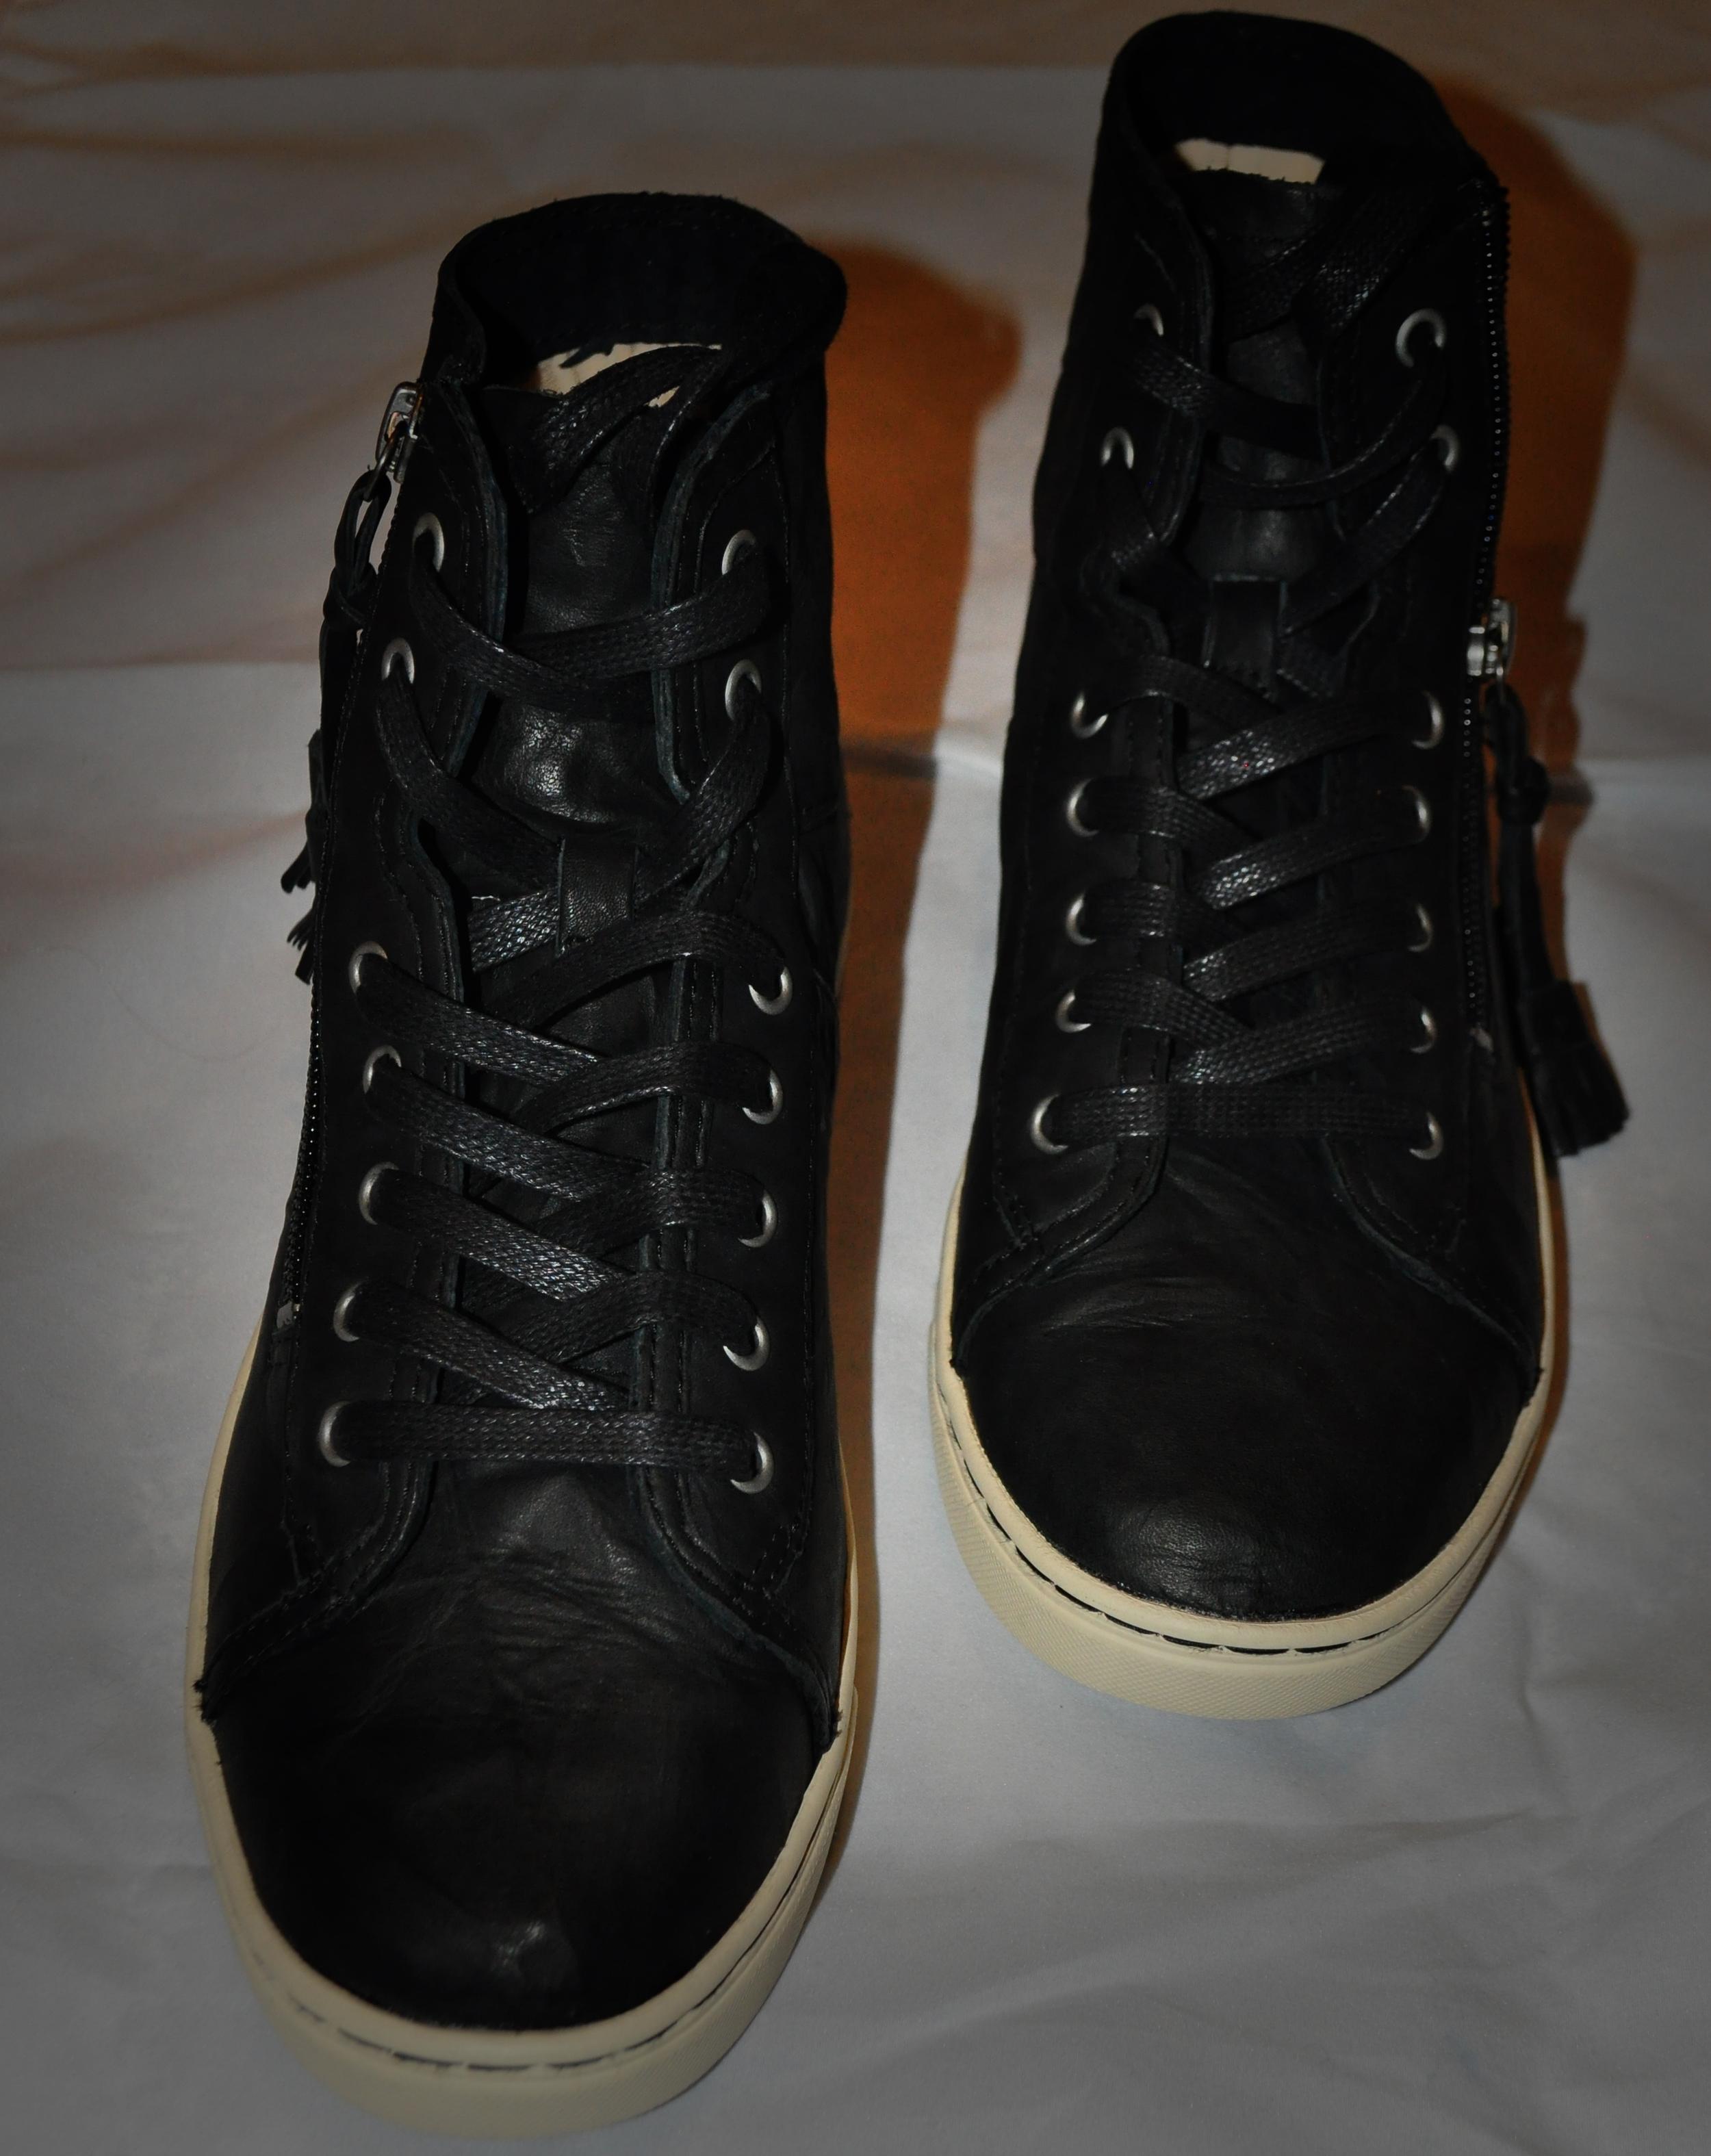 sneakers pic 1.jpg